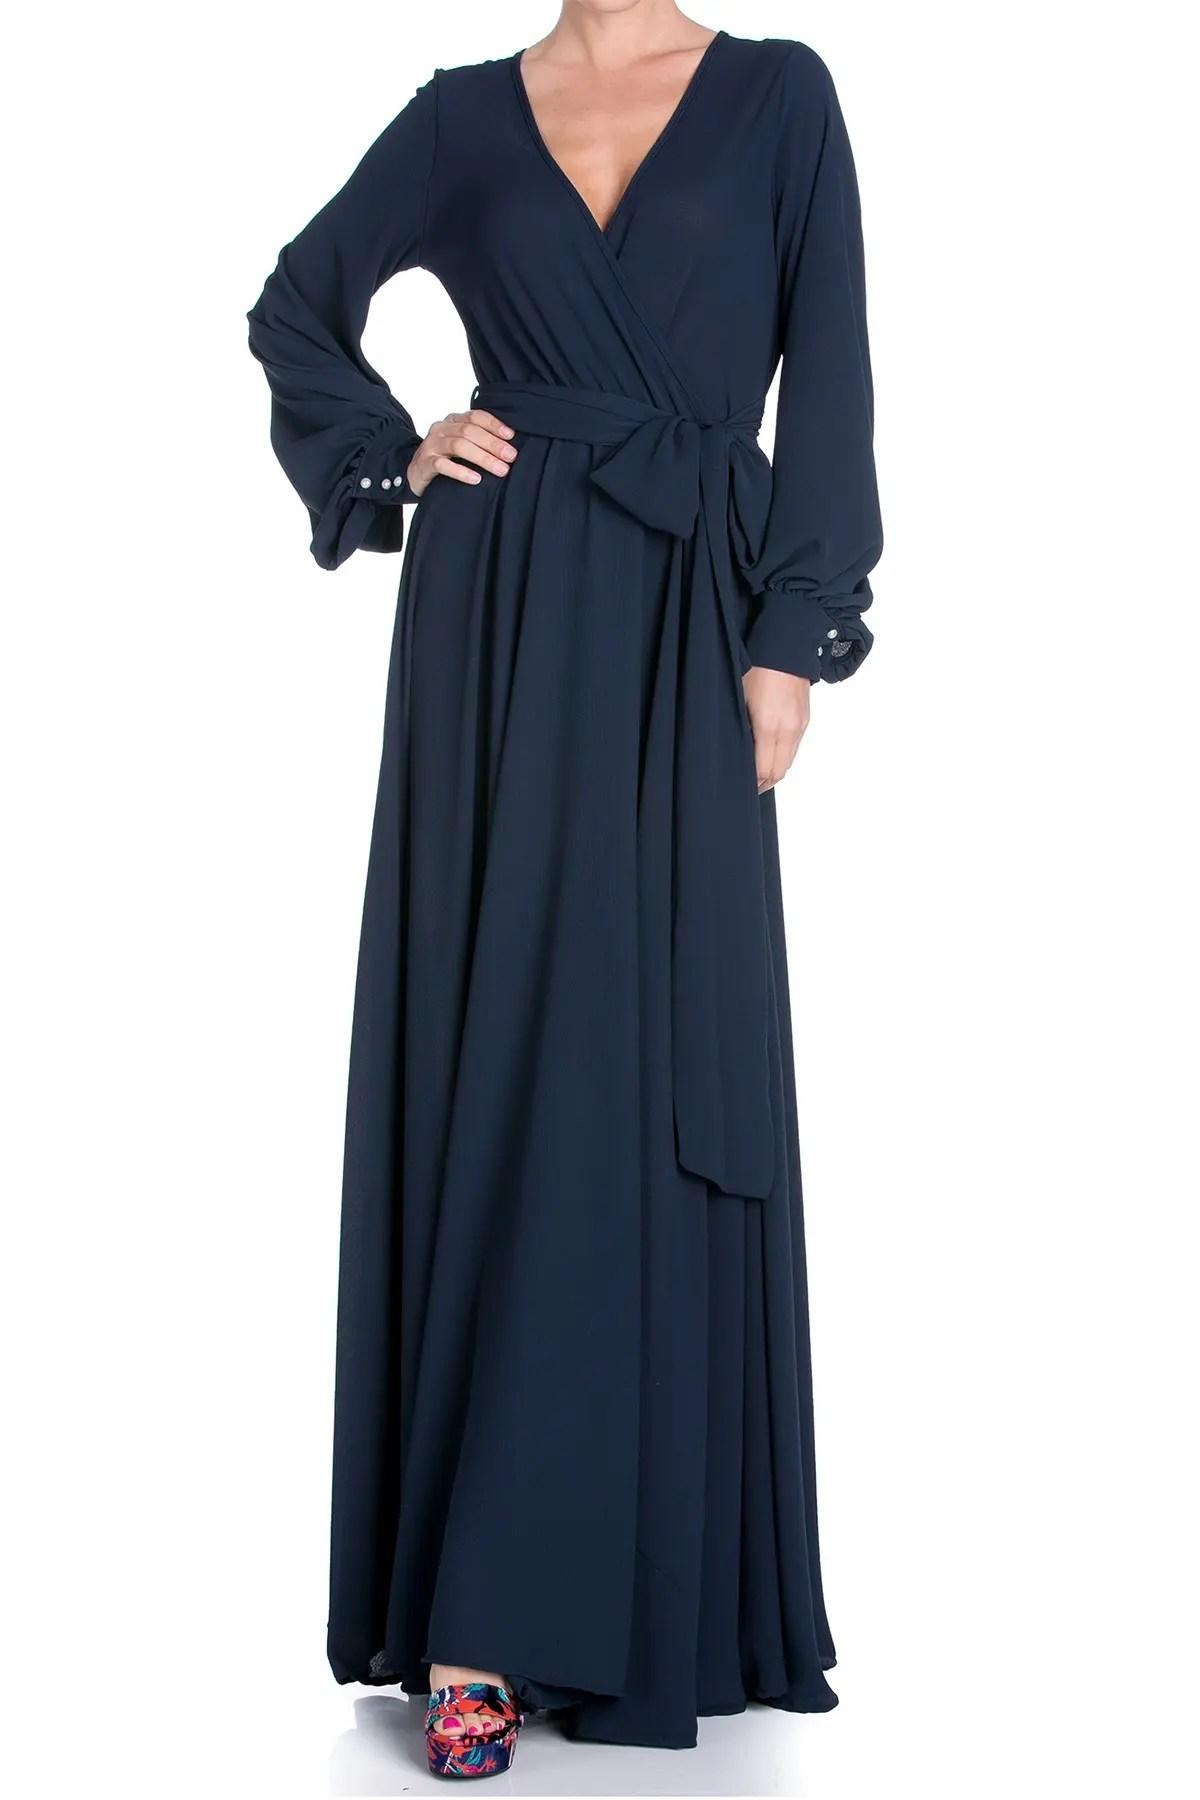 lilypad solid maxi dress